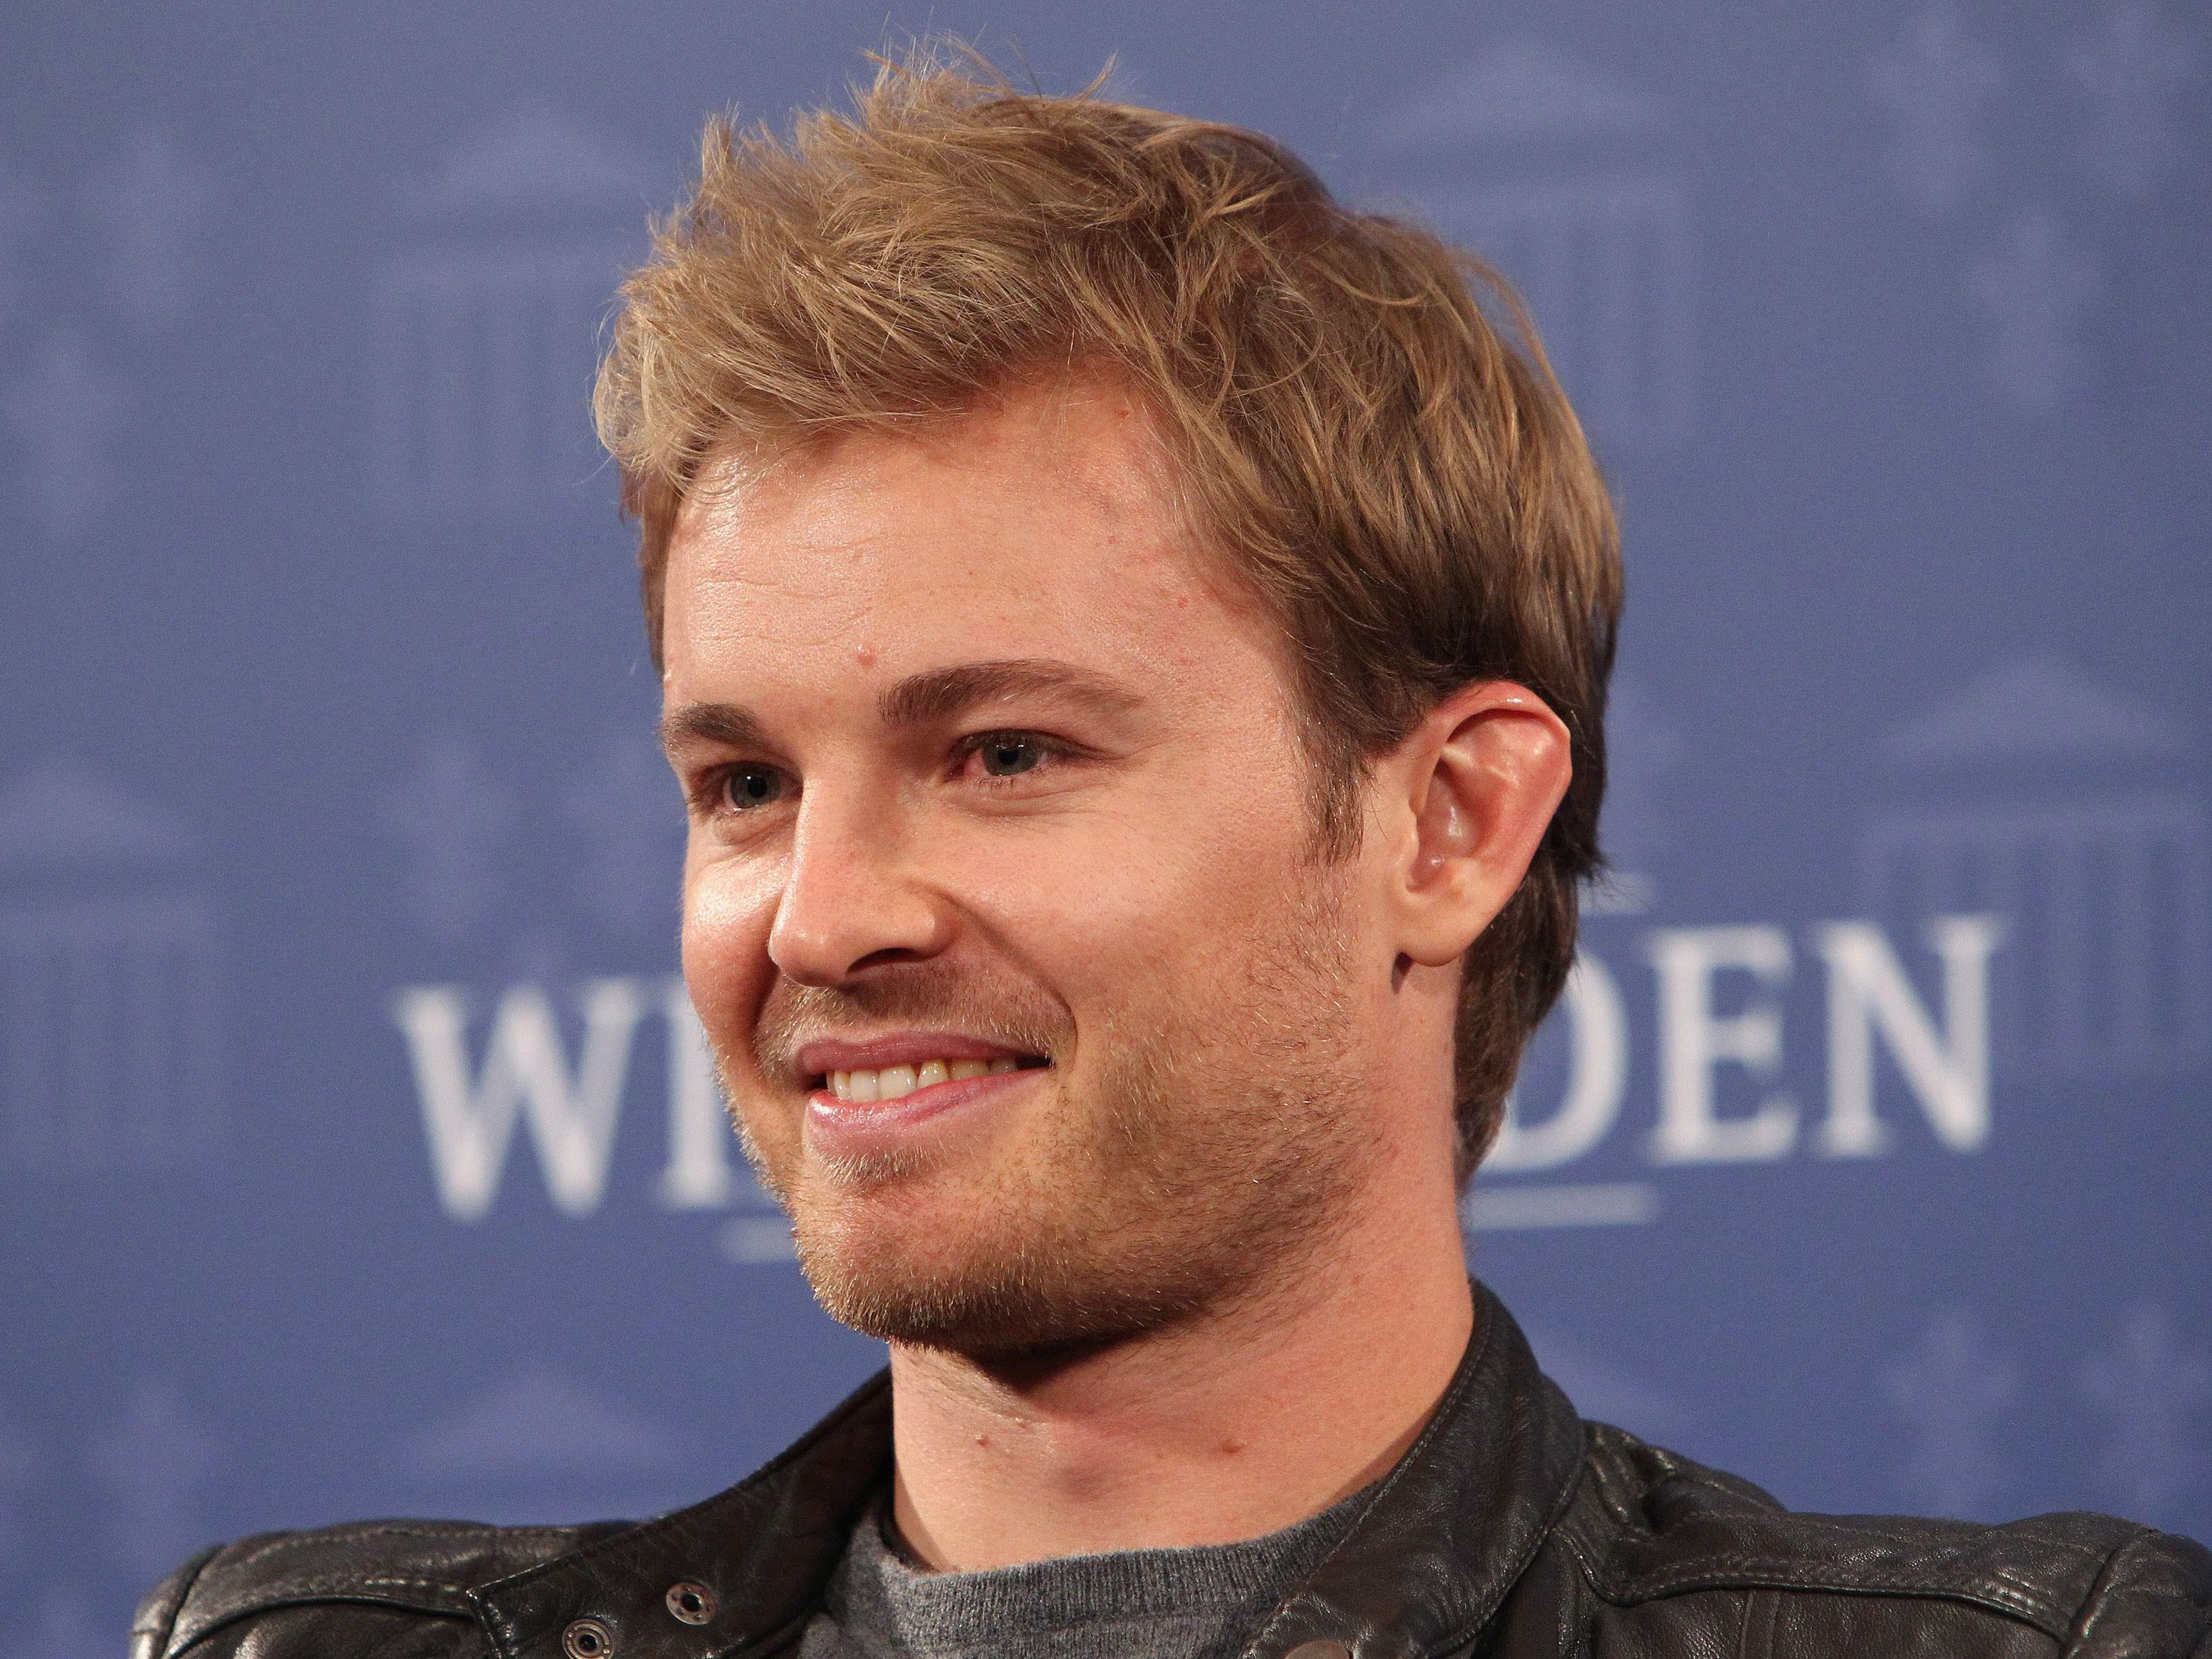 Nico Rosberg gab seinen Rücktritt aus der Formel 1 in Wien bekannt.